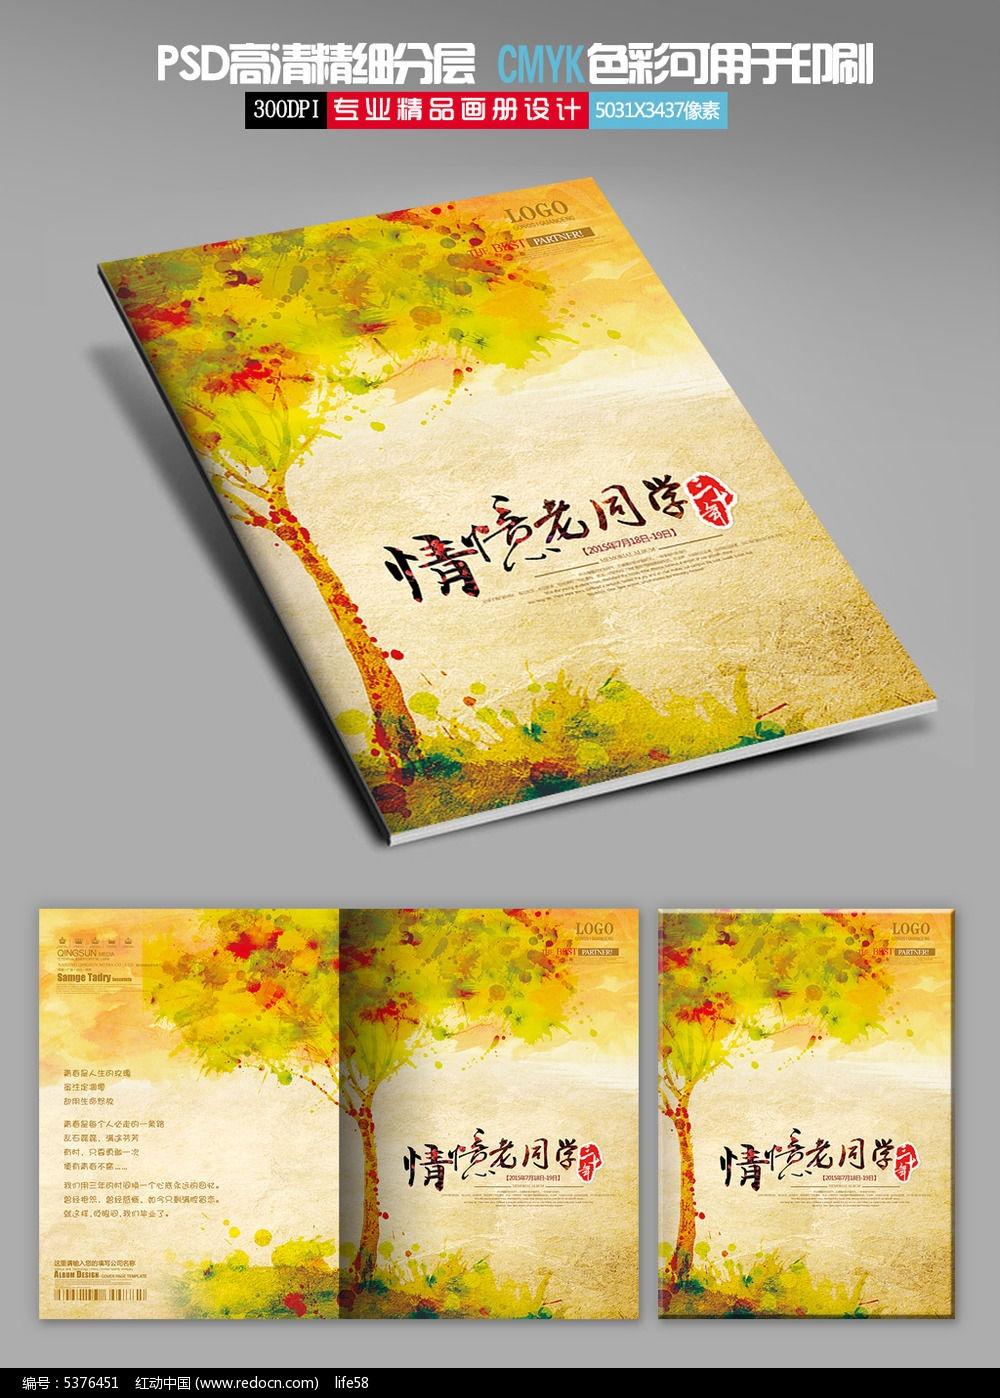 同学录纪念册画册封面设计图片